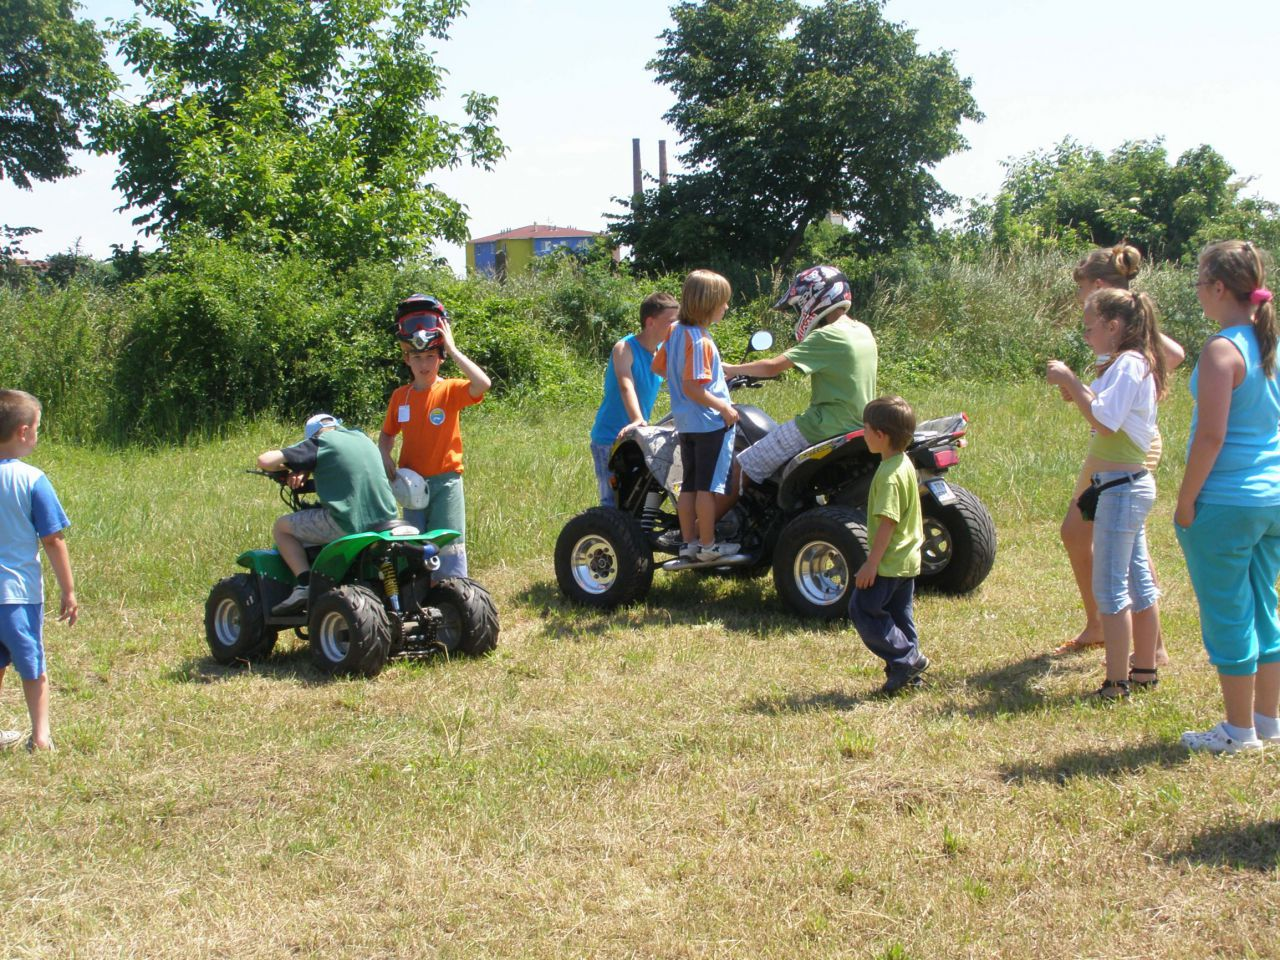 ba6388a15e3a Medzinárodný deň detí - Rok 2011 - Oficiálna stránka obce Vlčkovce